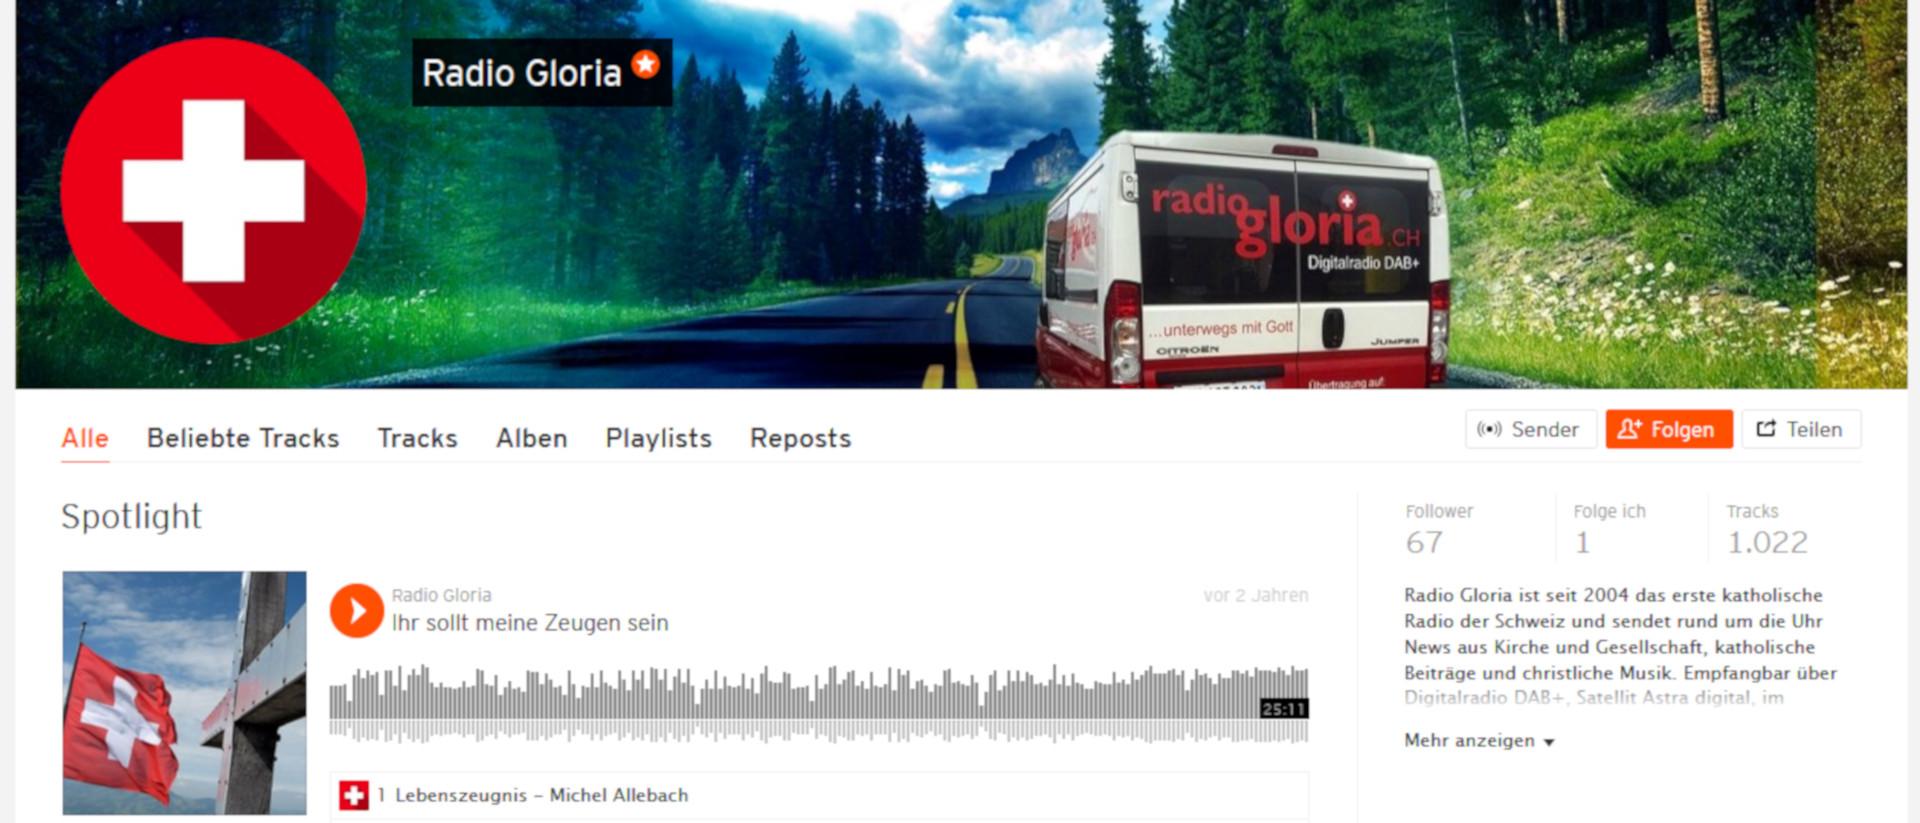 Podcasts bei Radio Gloria